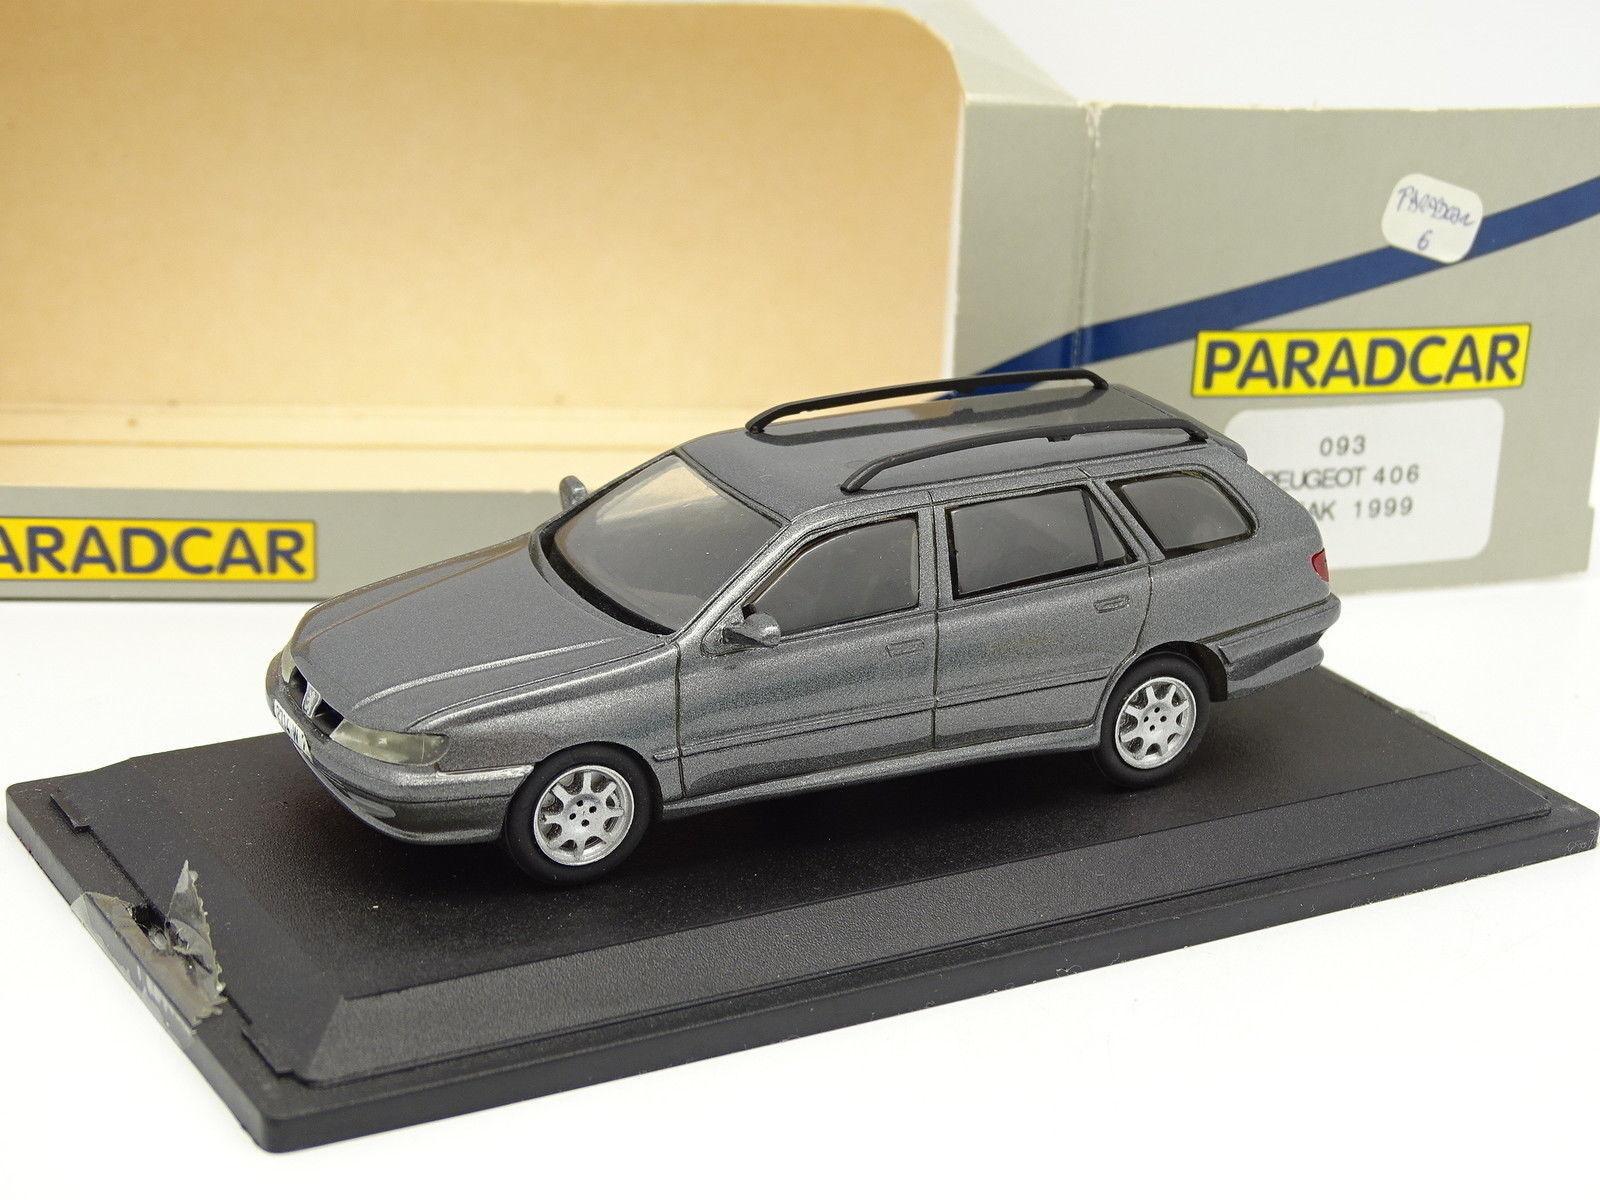 Paradcar Resin 1 43 - Peugeot 406 Break 1999 Grey